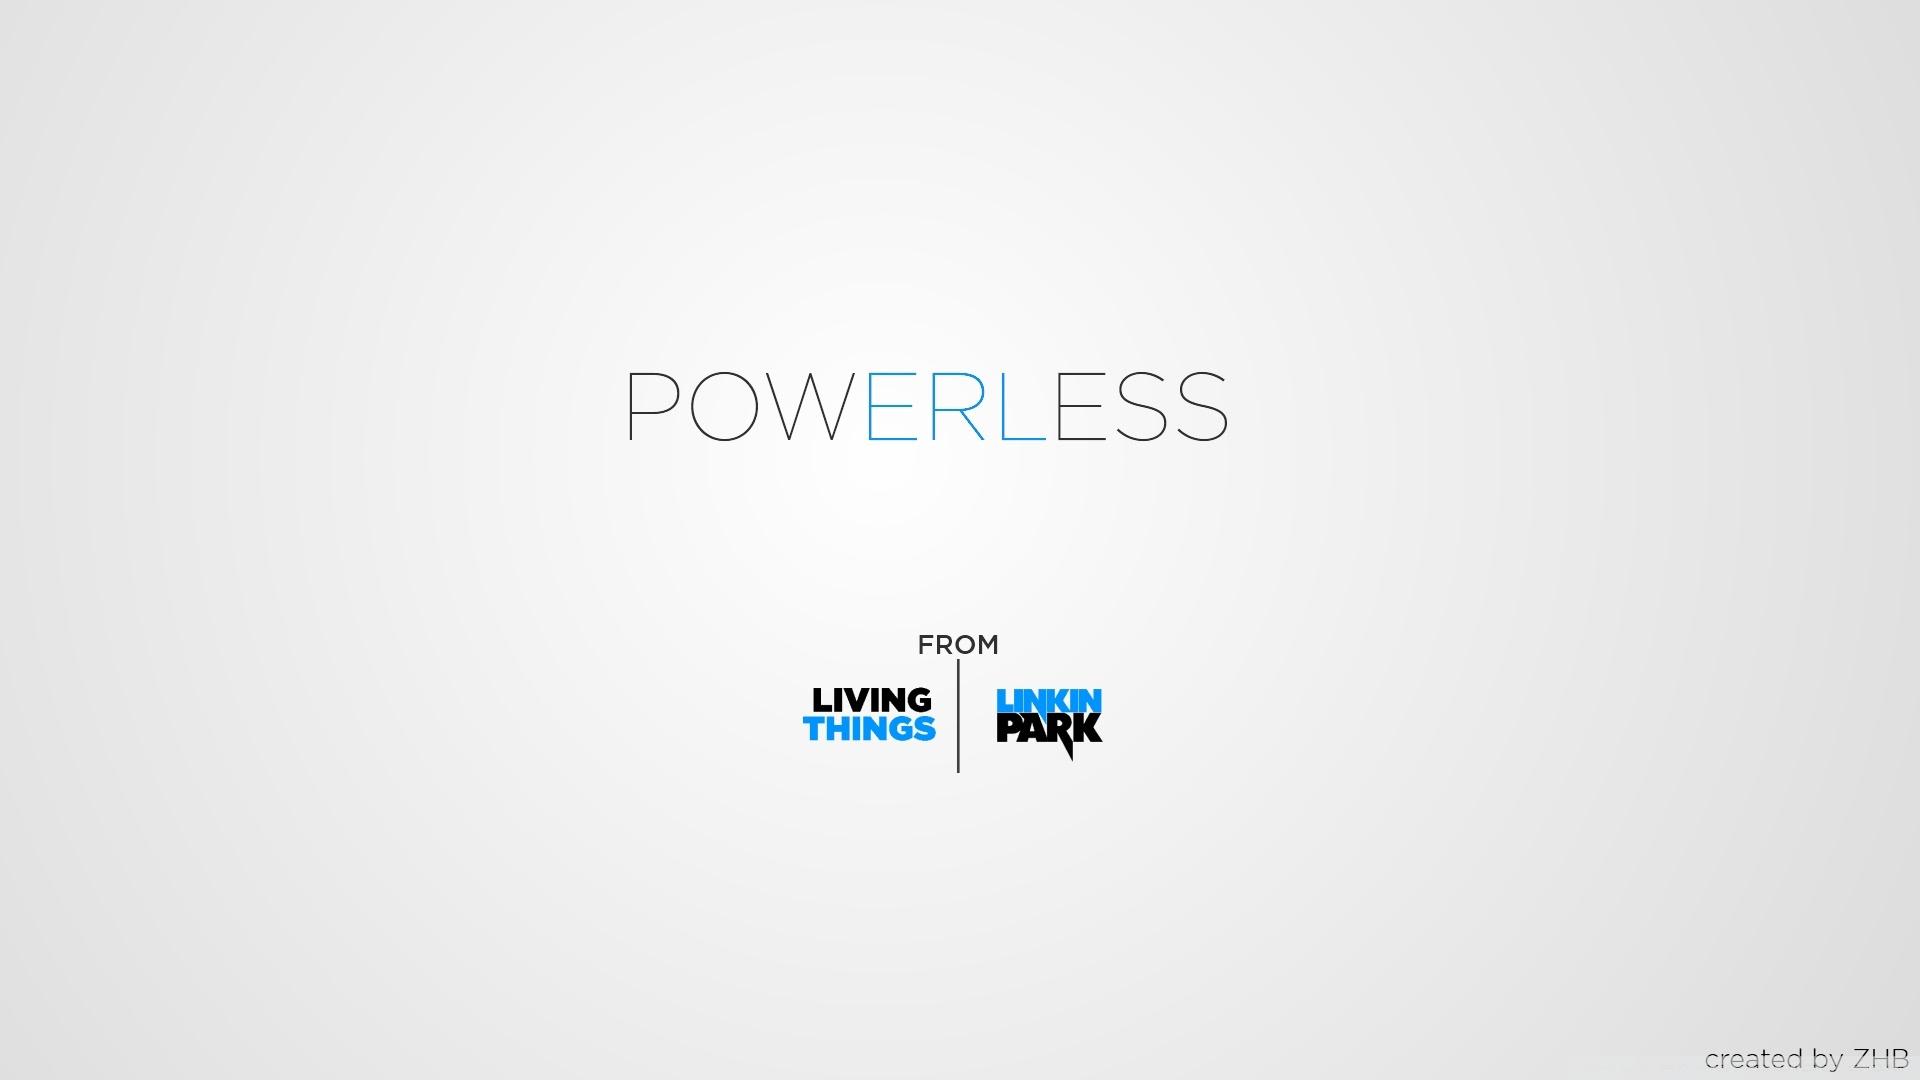 Powerless From Linkin Park Ultra Hd Desktop Background Wallpaper